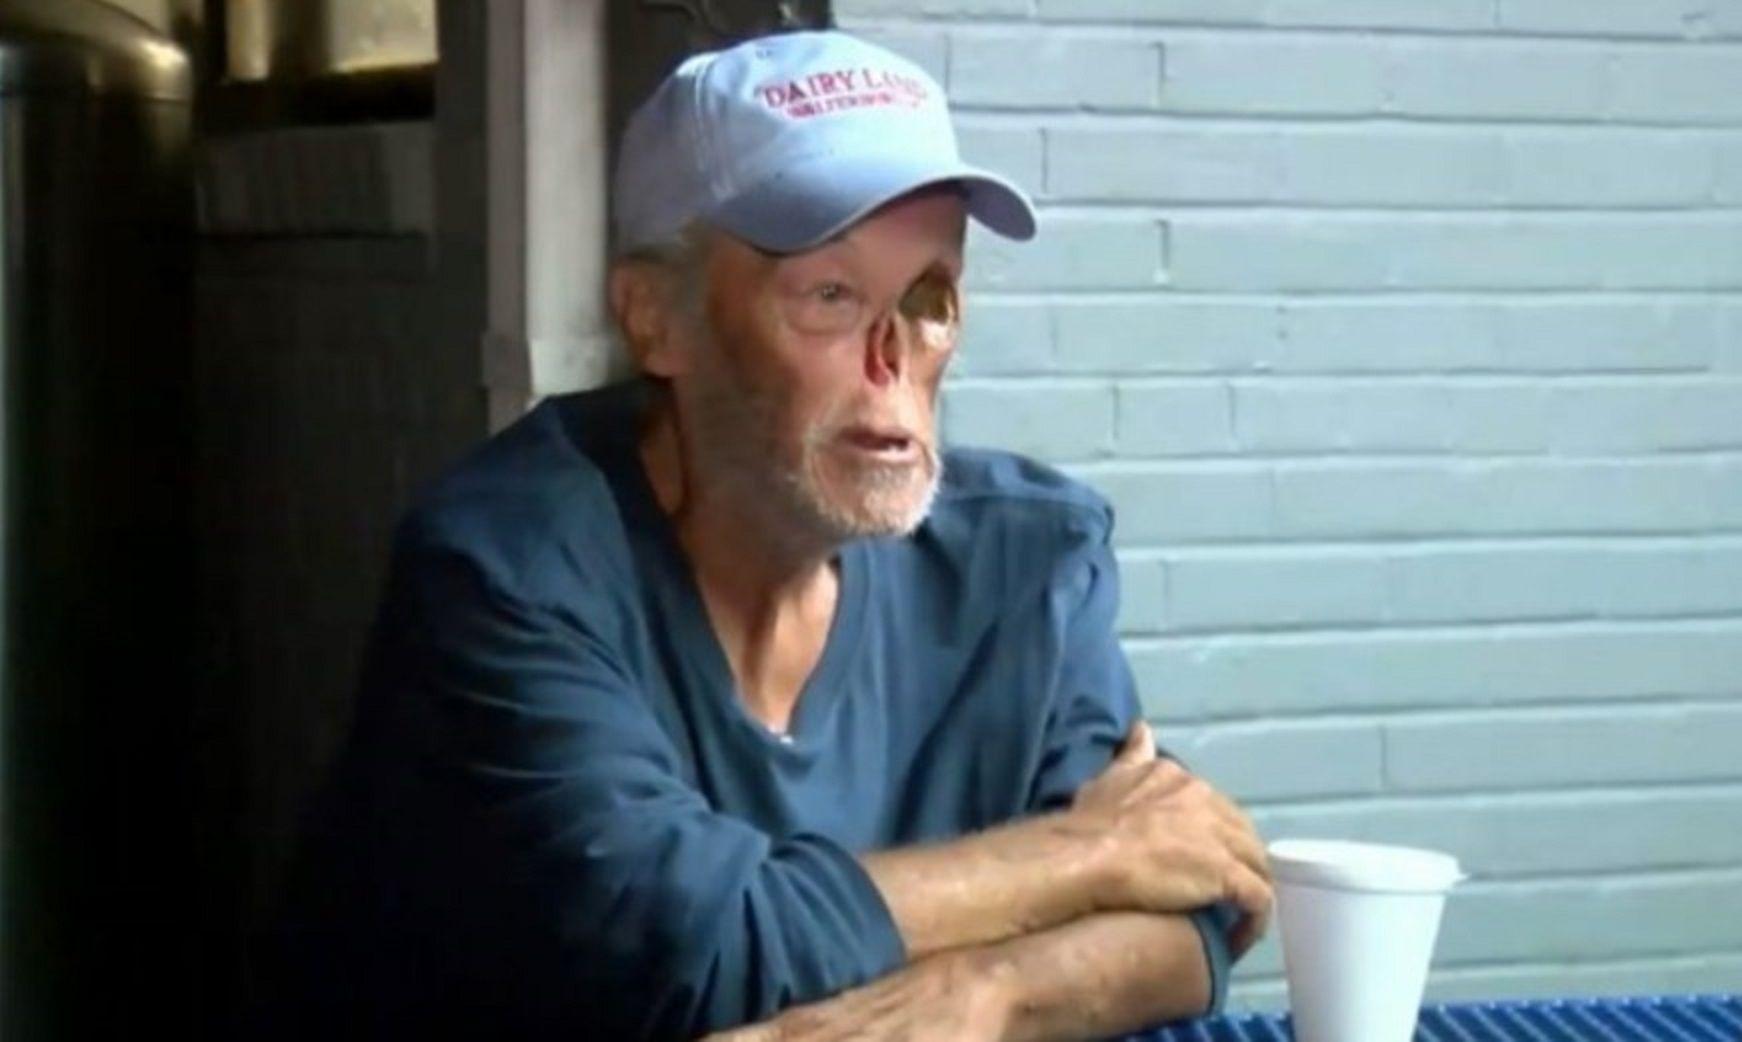 Echaron de un restaurante a un sobreviviente de cáncer porque asustaba a los clientes